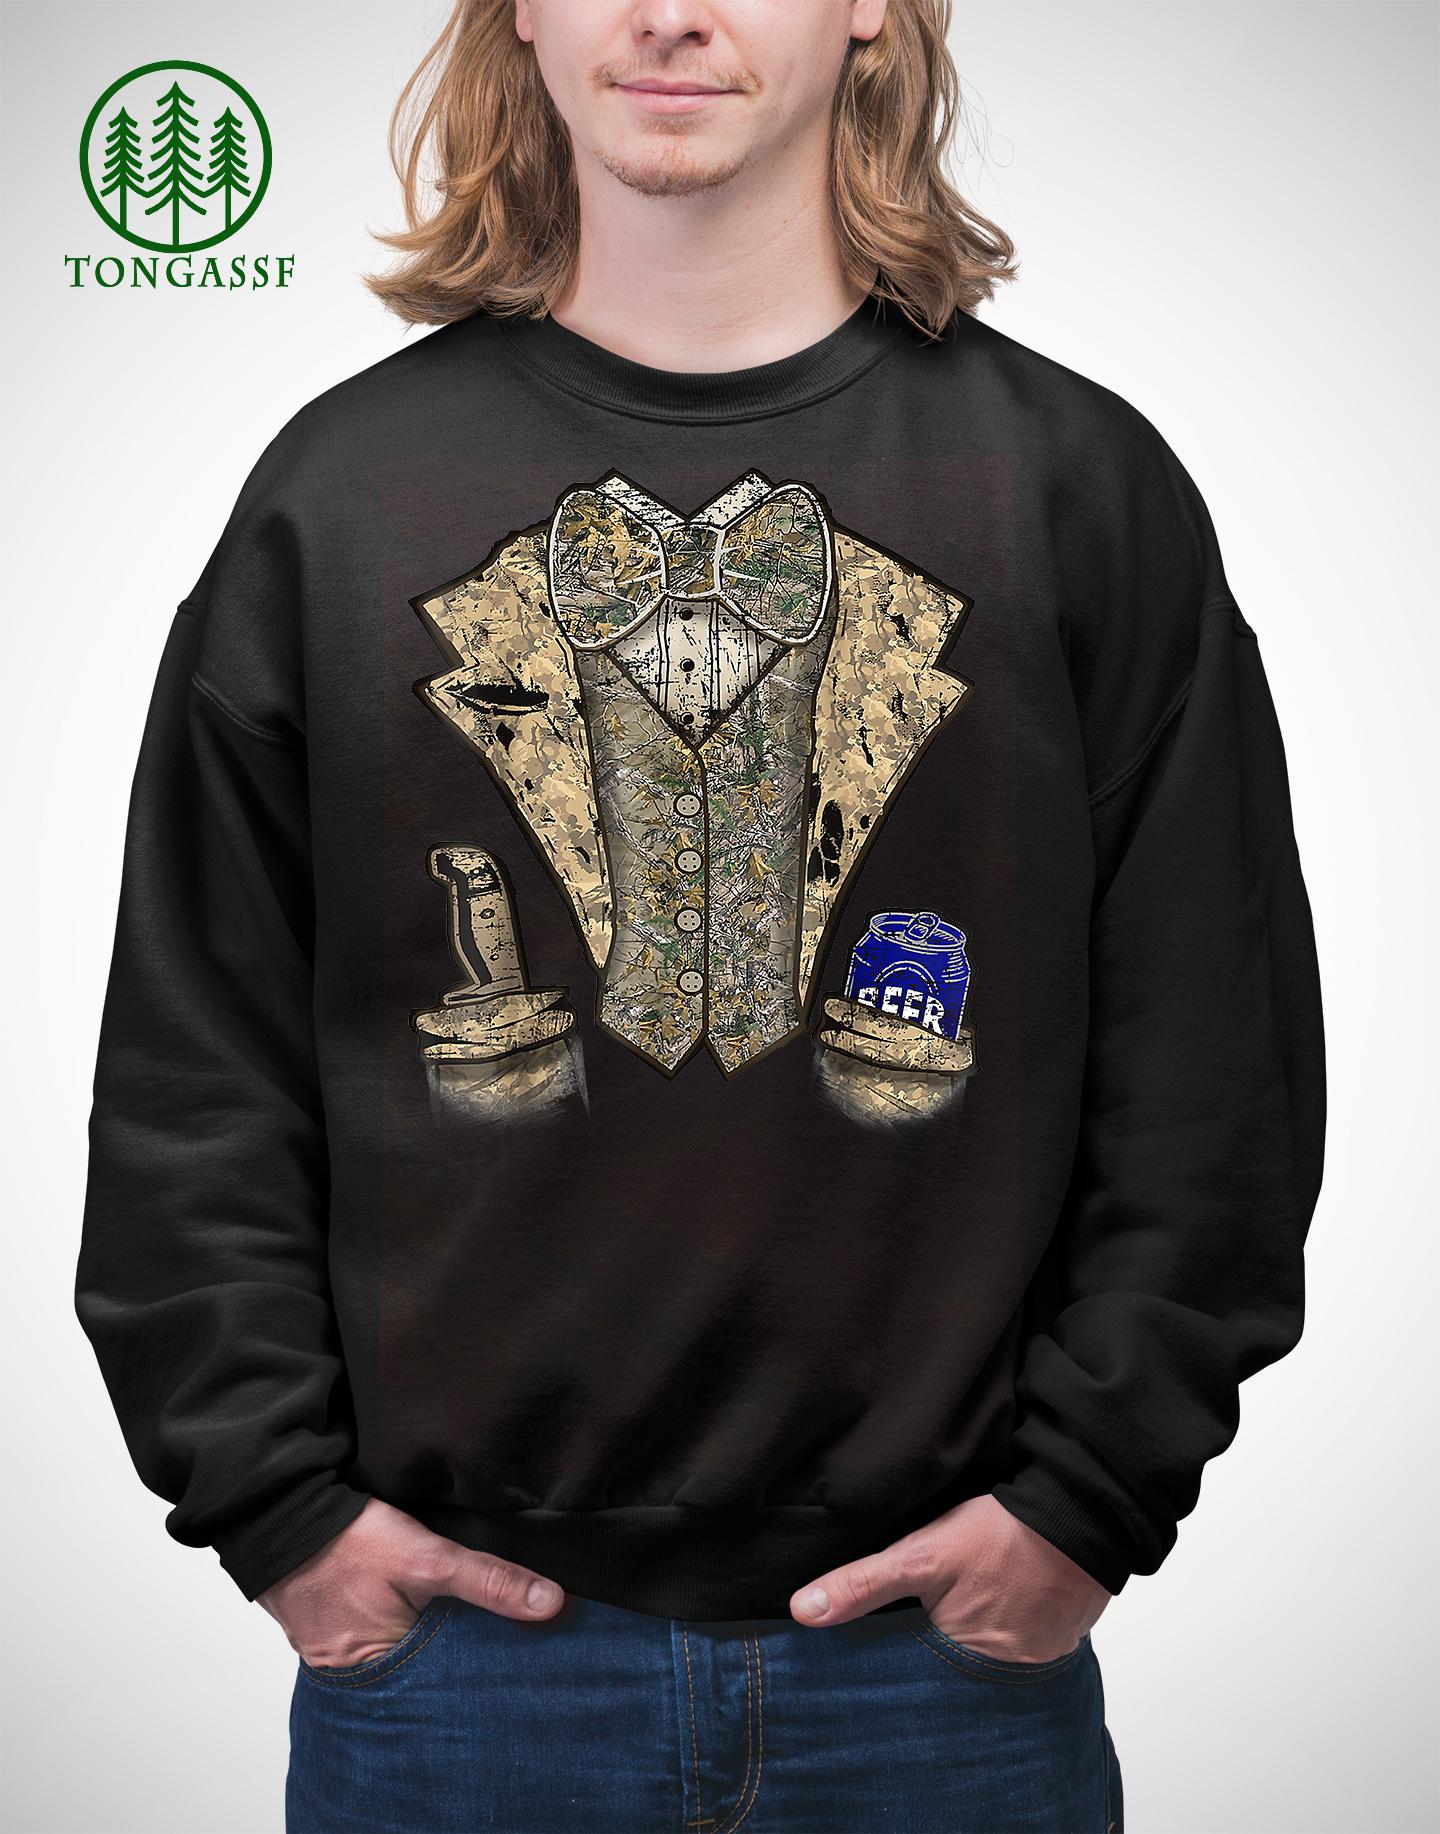 Camo Tuxedo with Bowtie Beer Sweatshirt